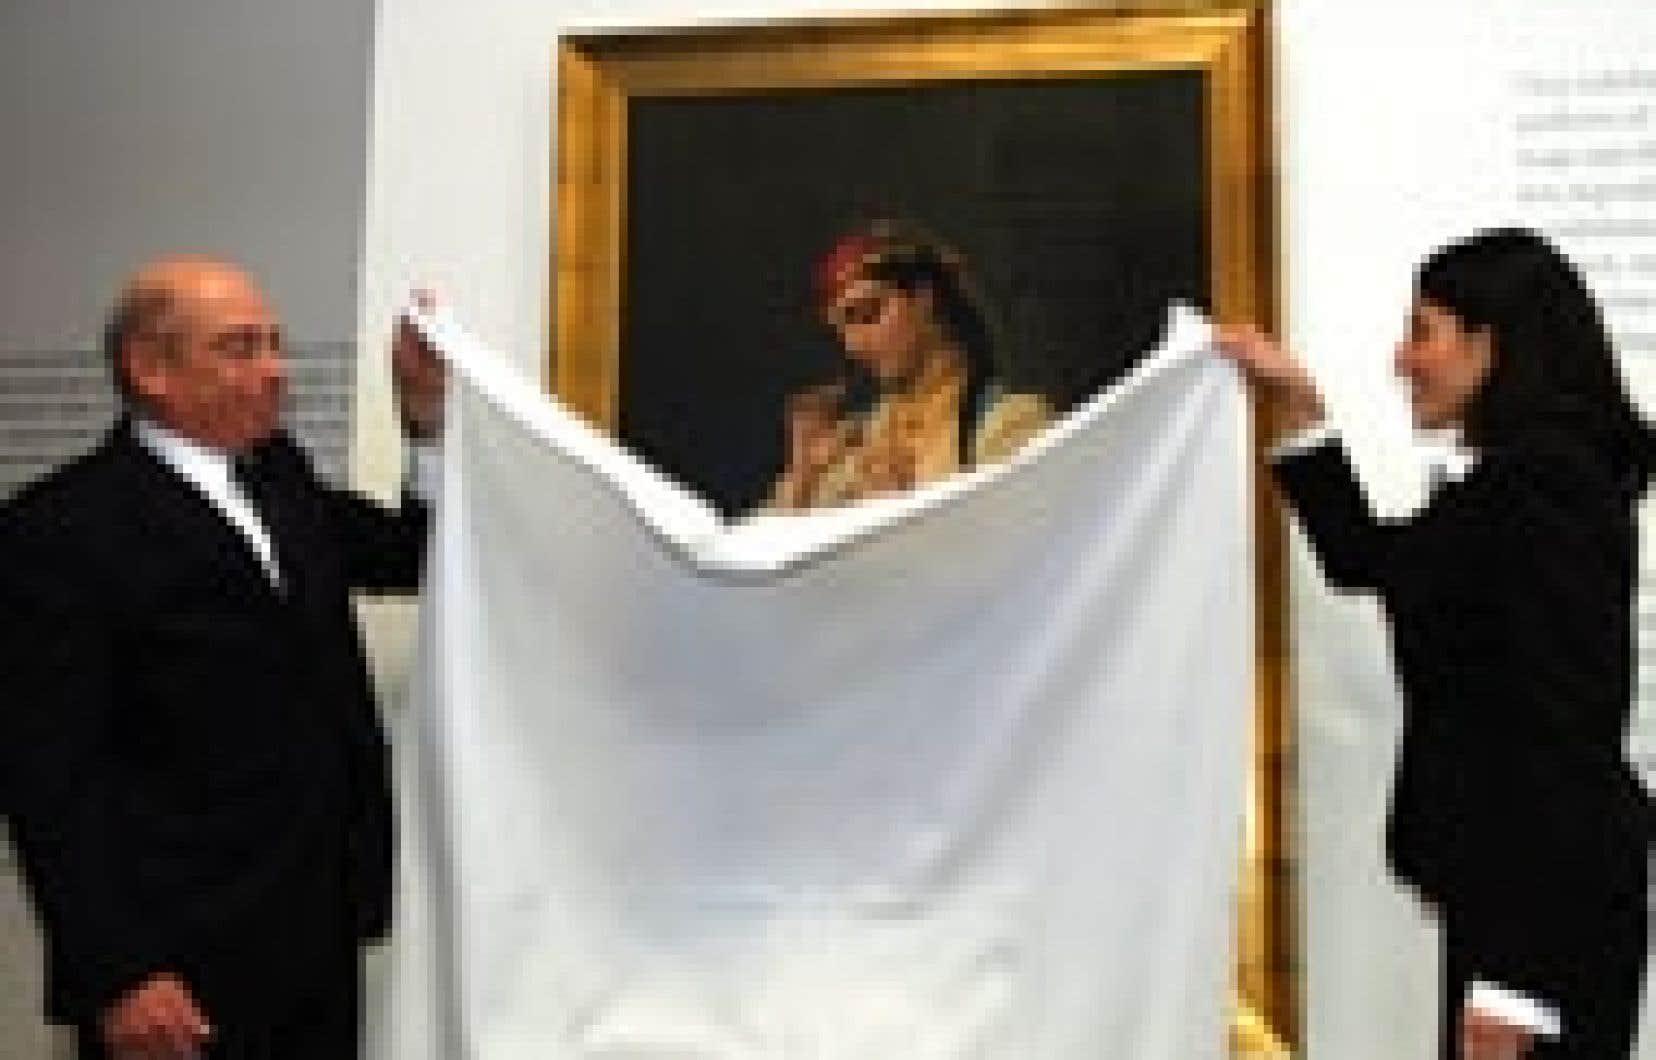 La toile récupérée a été dévoilée hier à la Galerie FOFA par Robert Vineberg, représentant de la succession de Max Stern, et Sherri North-Cohen, du New York State Banking Department.